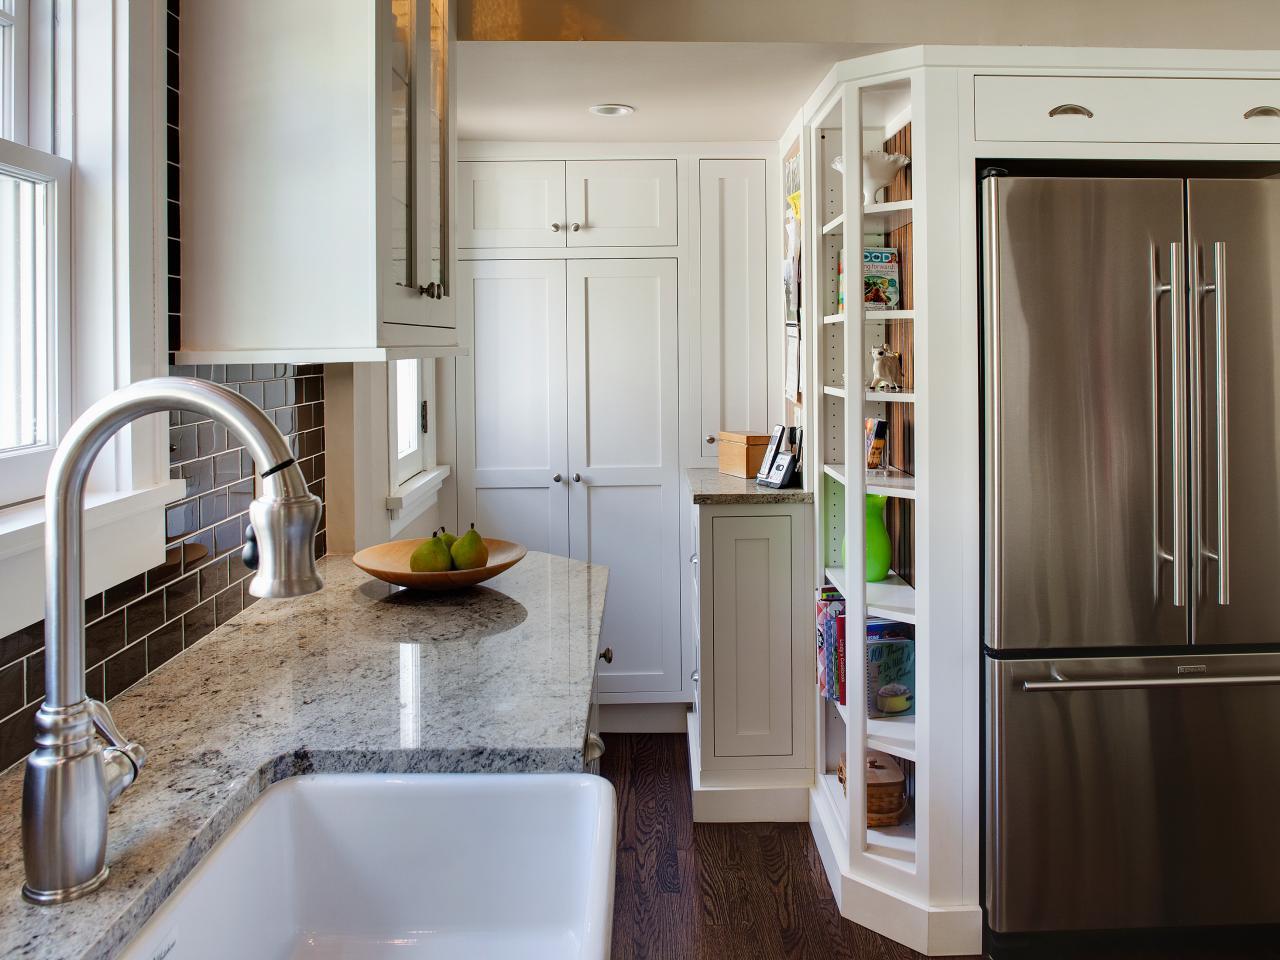 hgtv small kitchens photo - 2